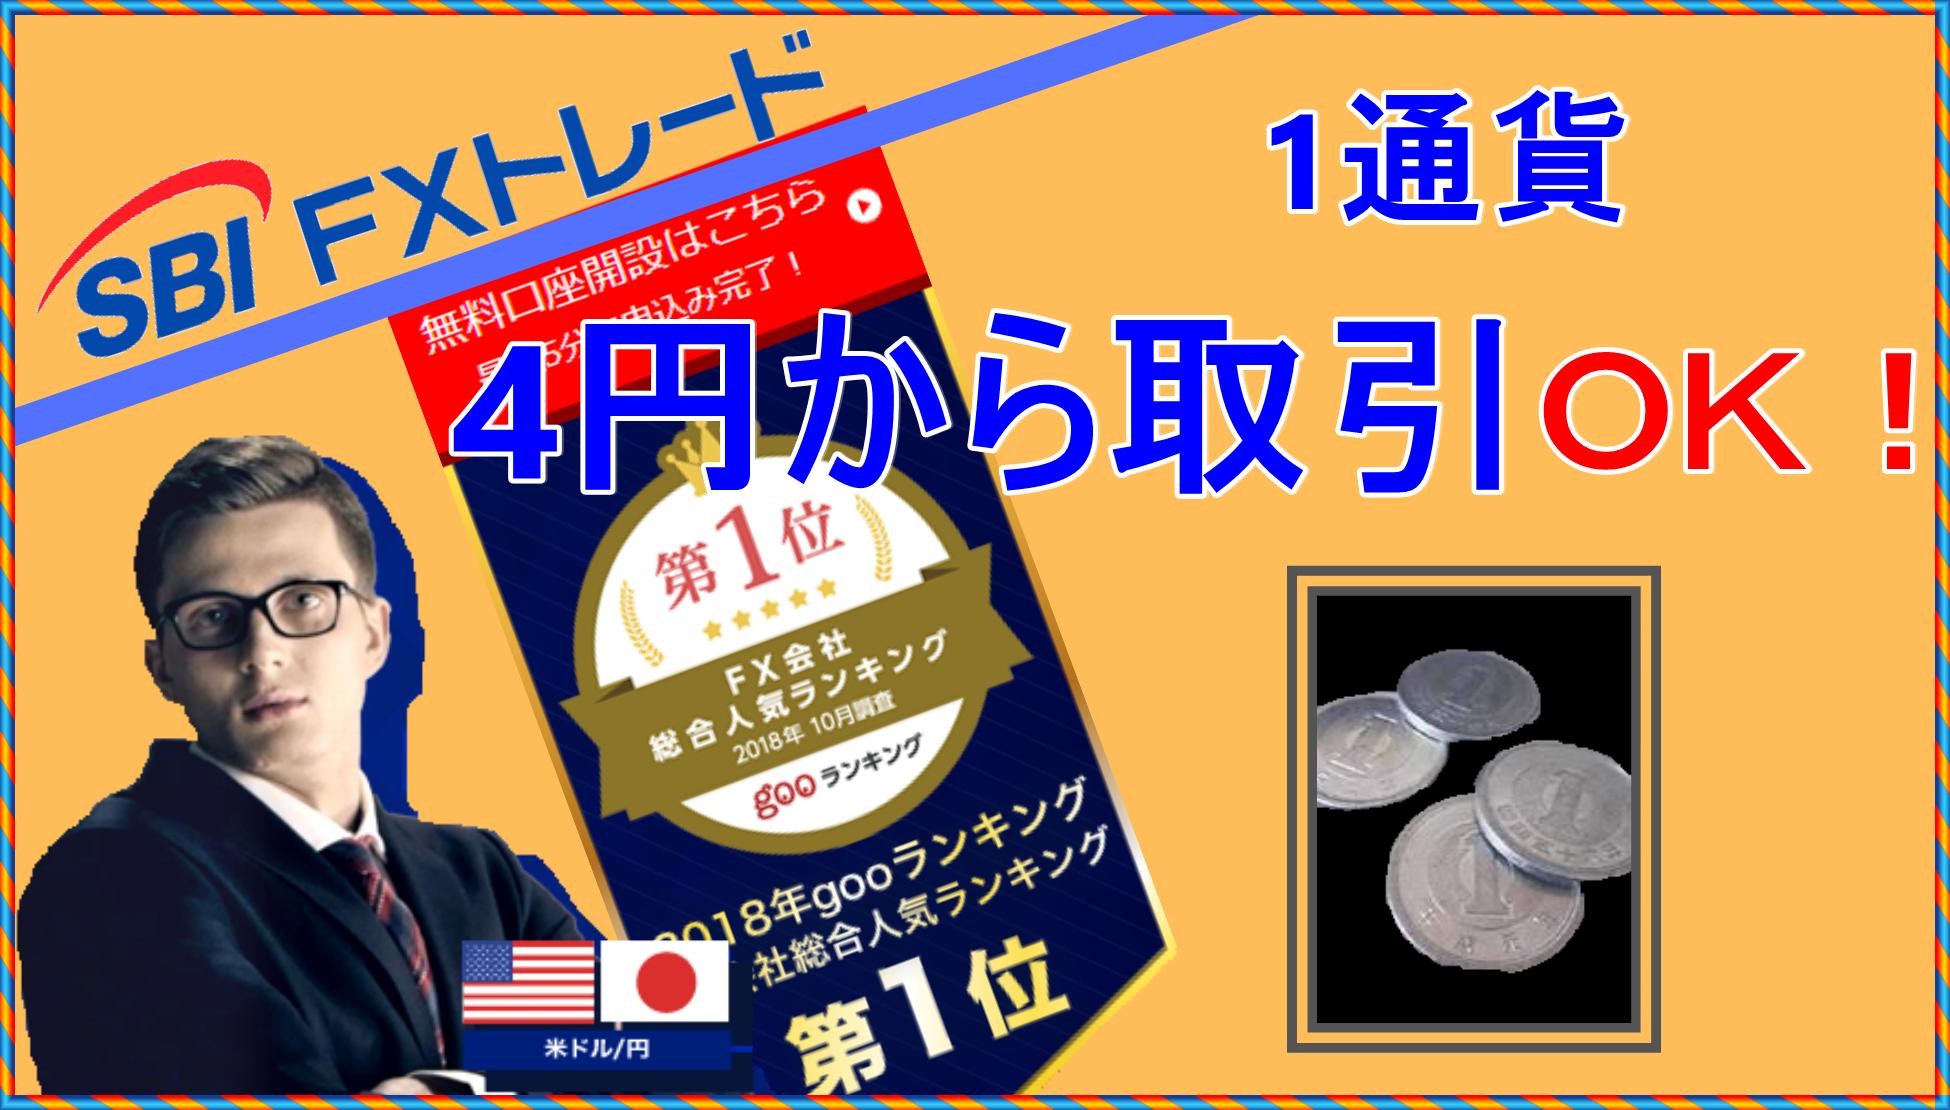 SBIFX4円からOK